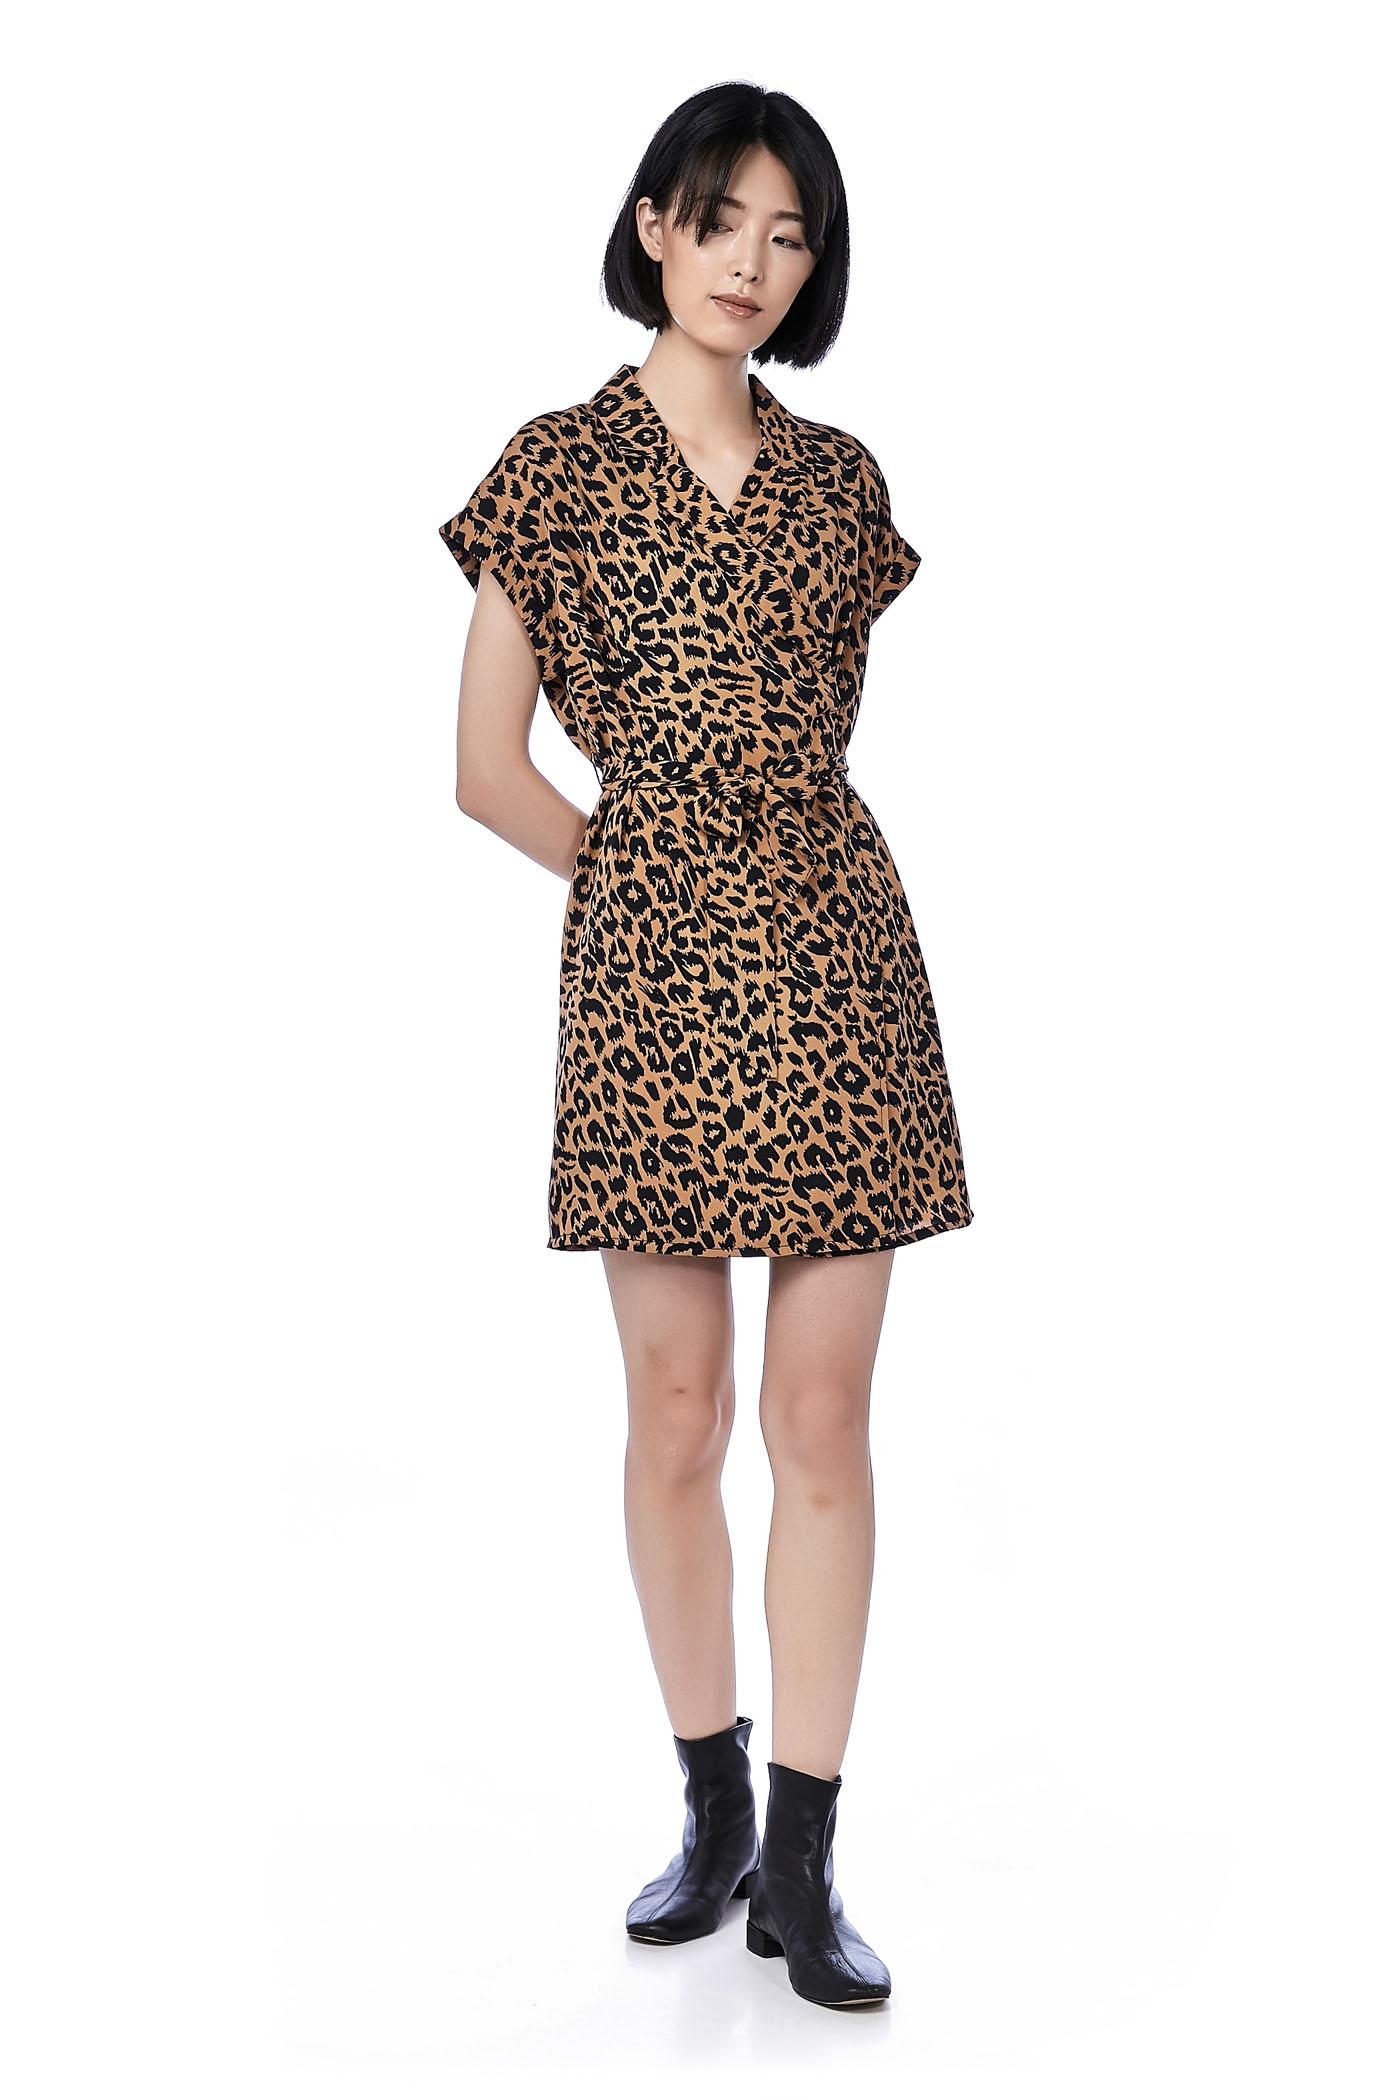 Slynne Cross-front Dress